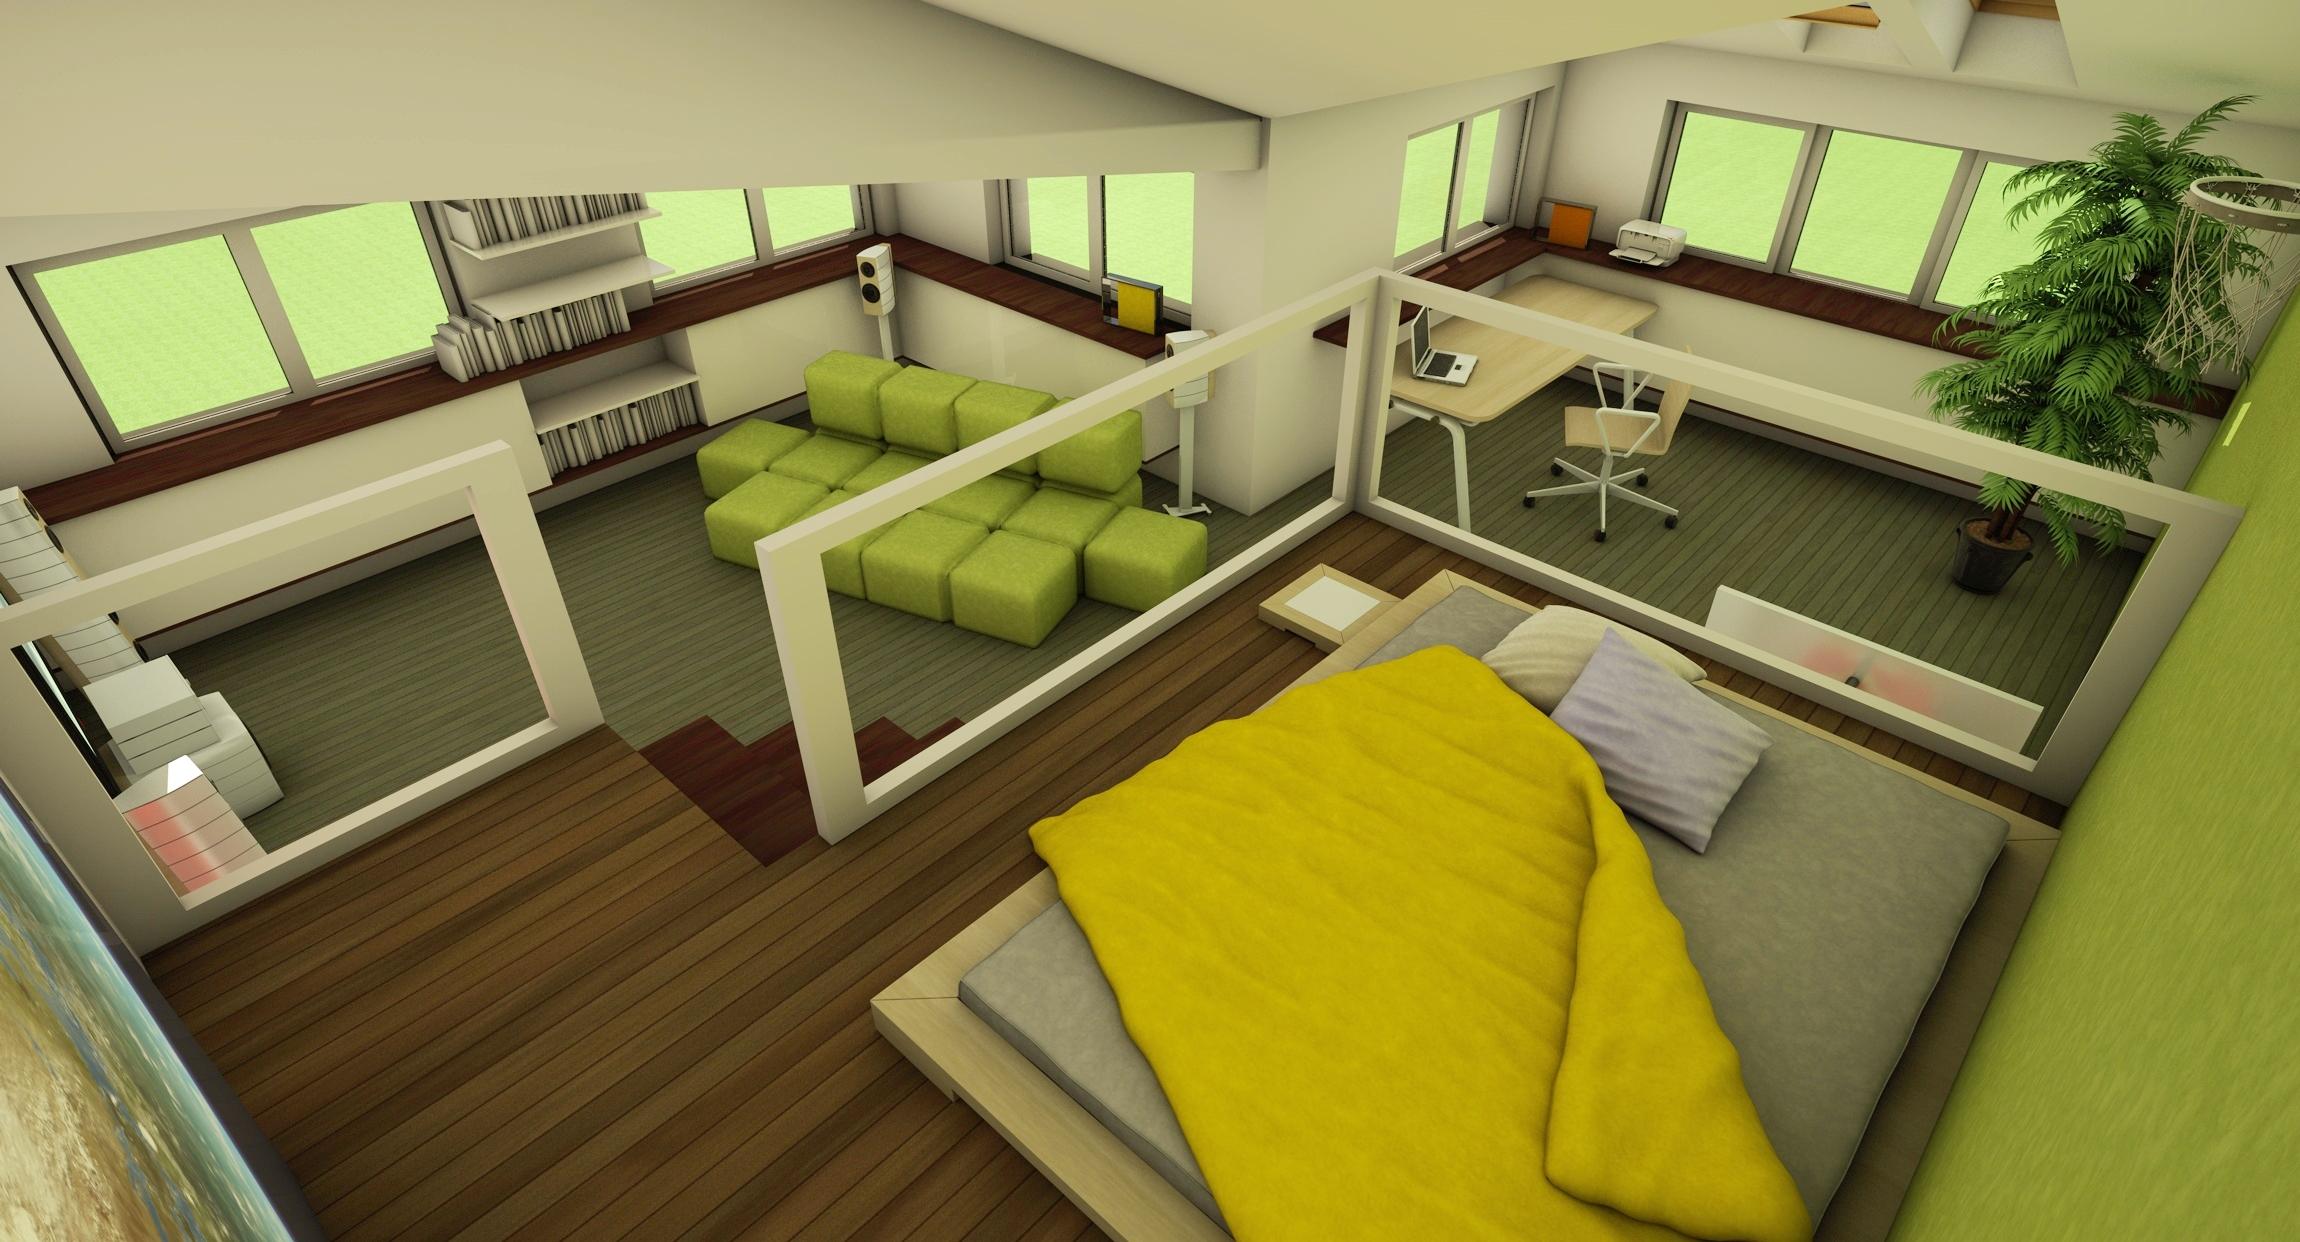 Mansarda - camera ideala pentru adolescenti